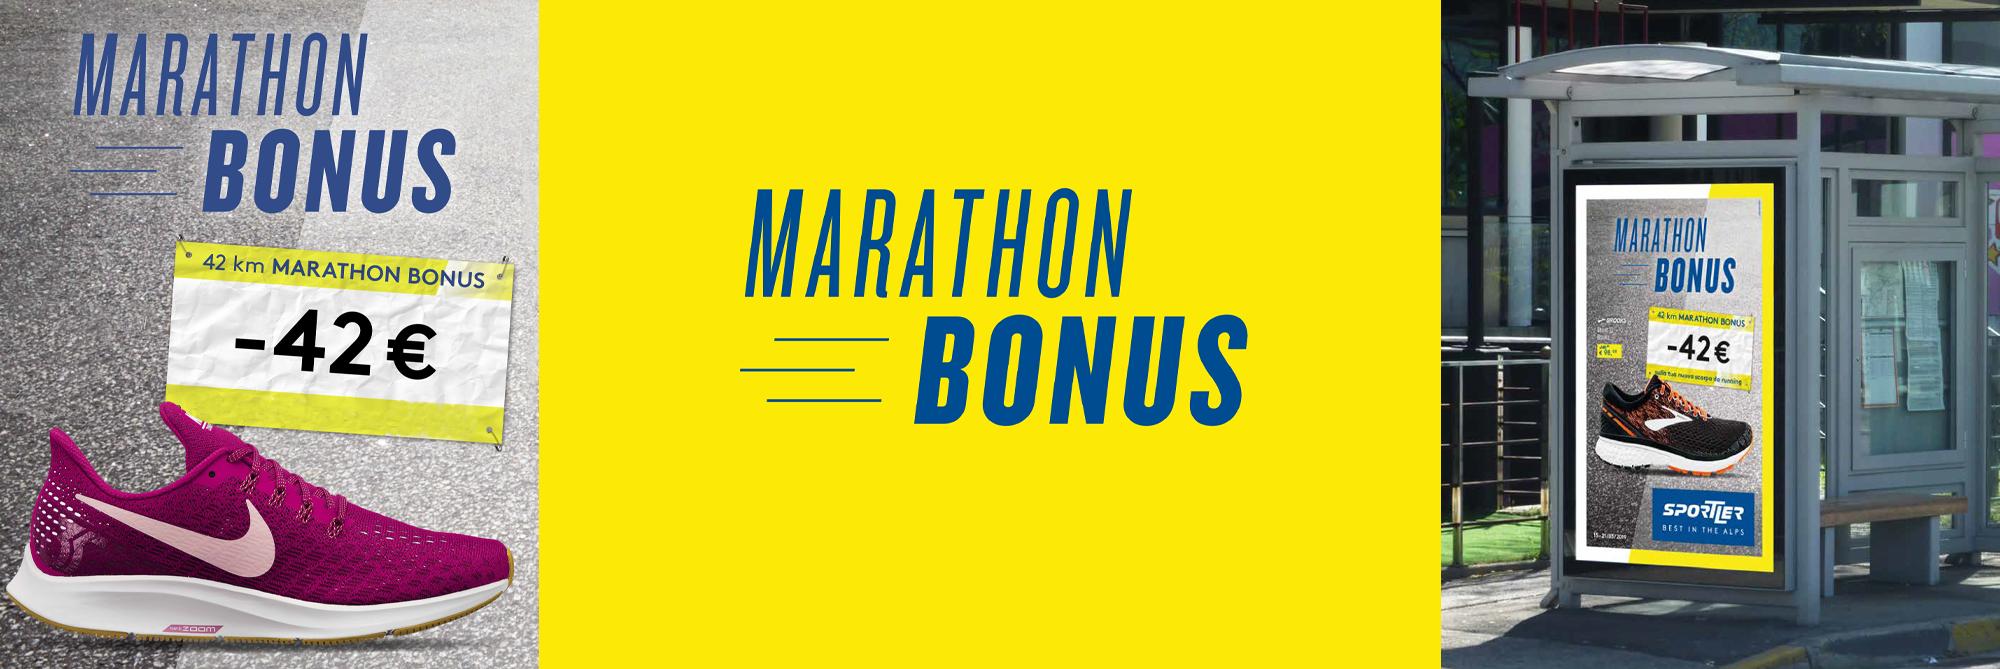 Marathon Bonus - 42€ Rabatt auf ausgewählte Runningschuhe